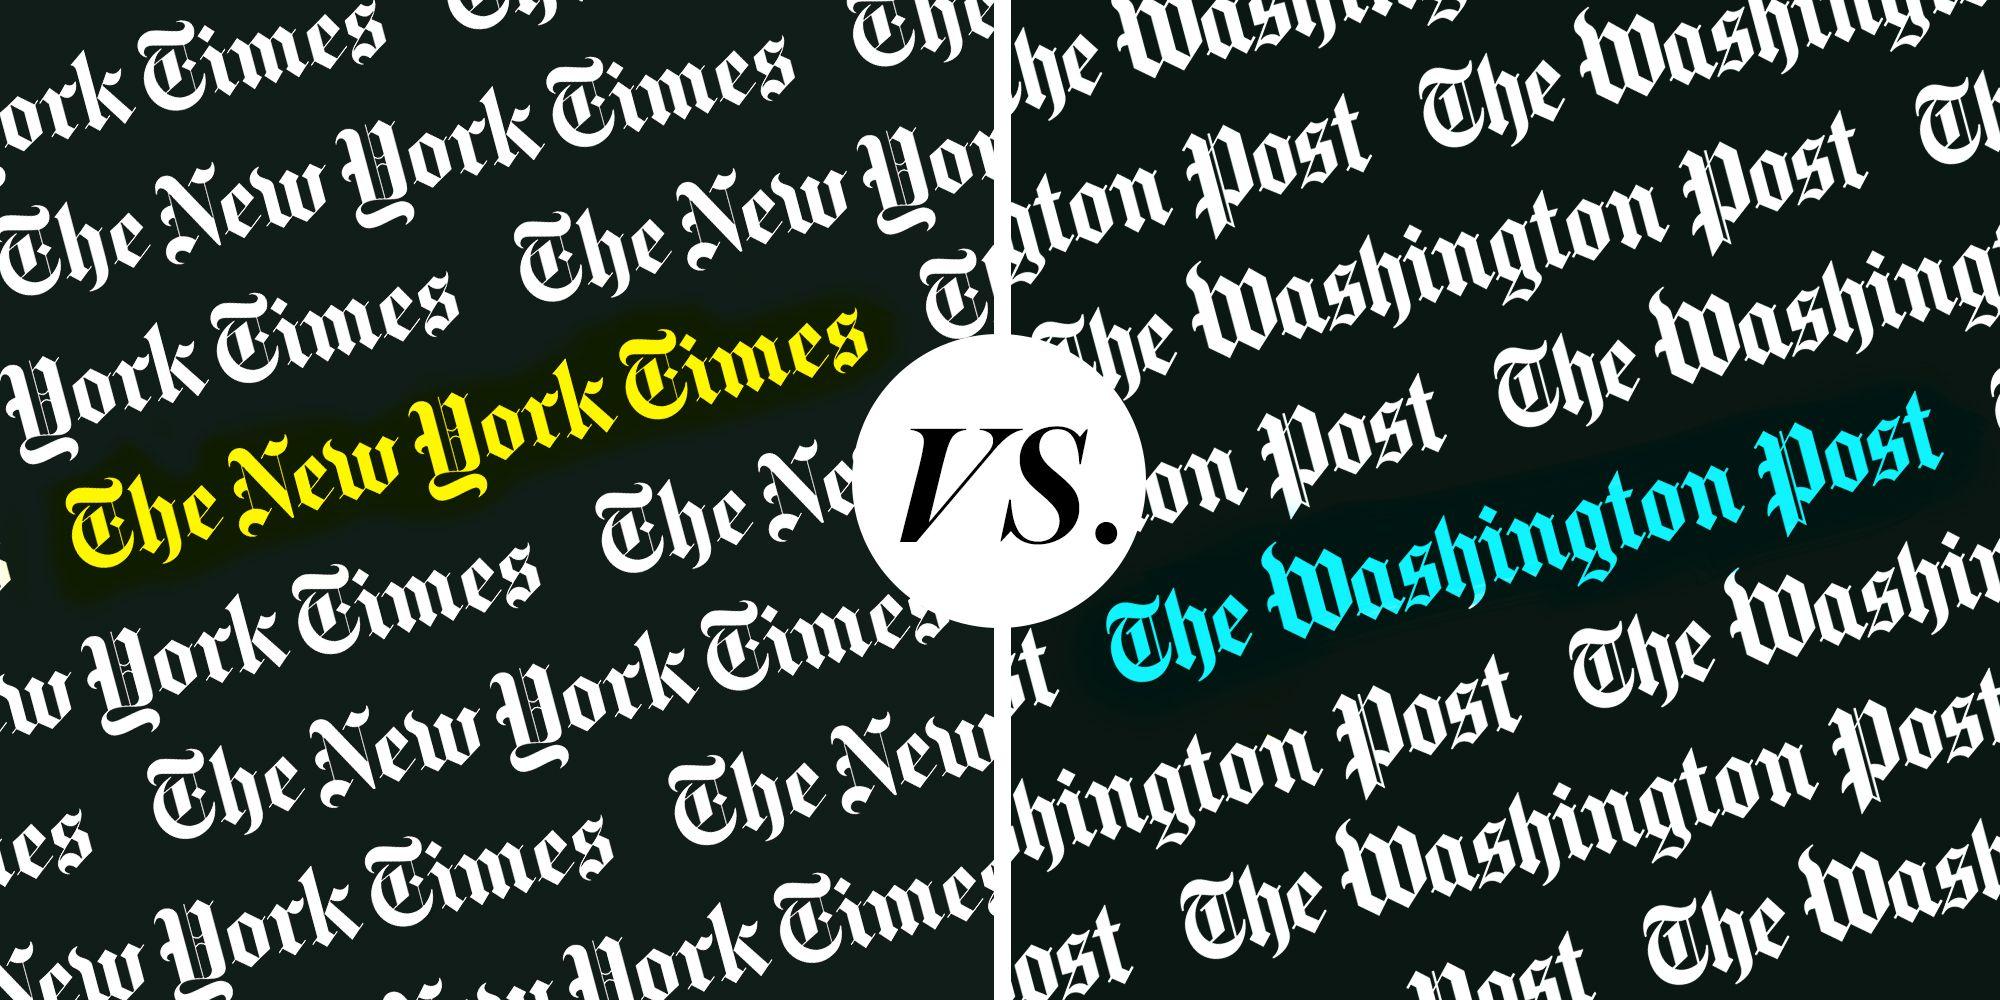 New York Times and Washington Post Logos